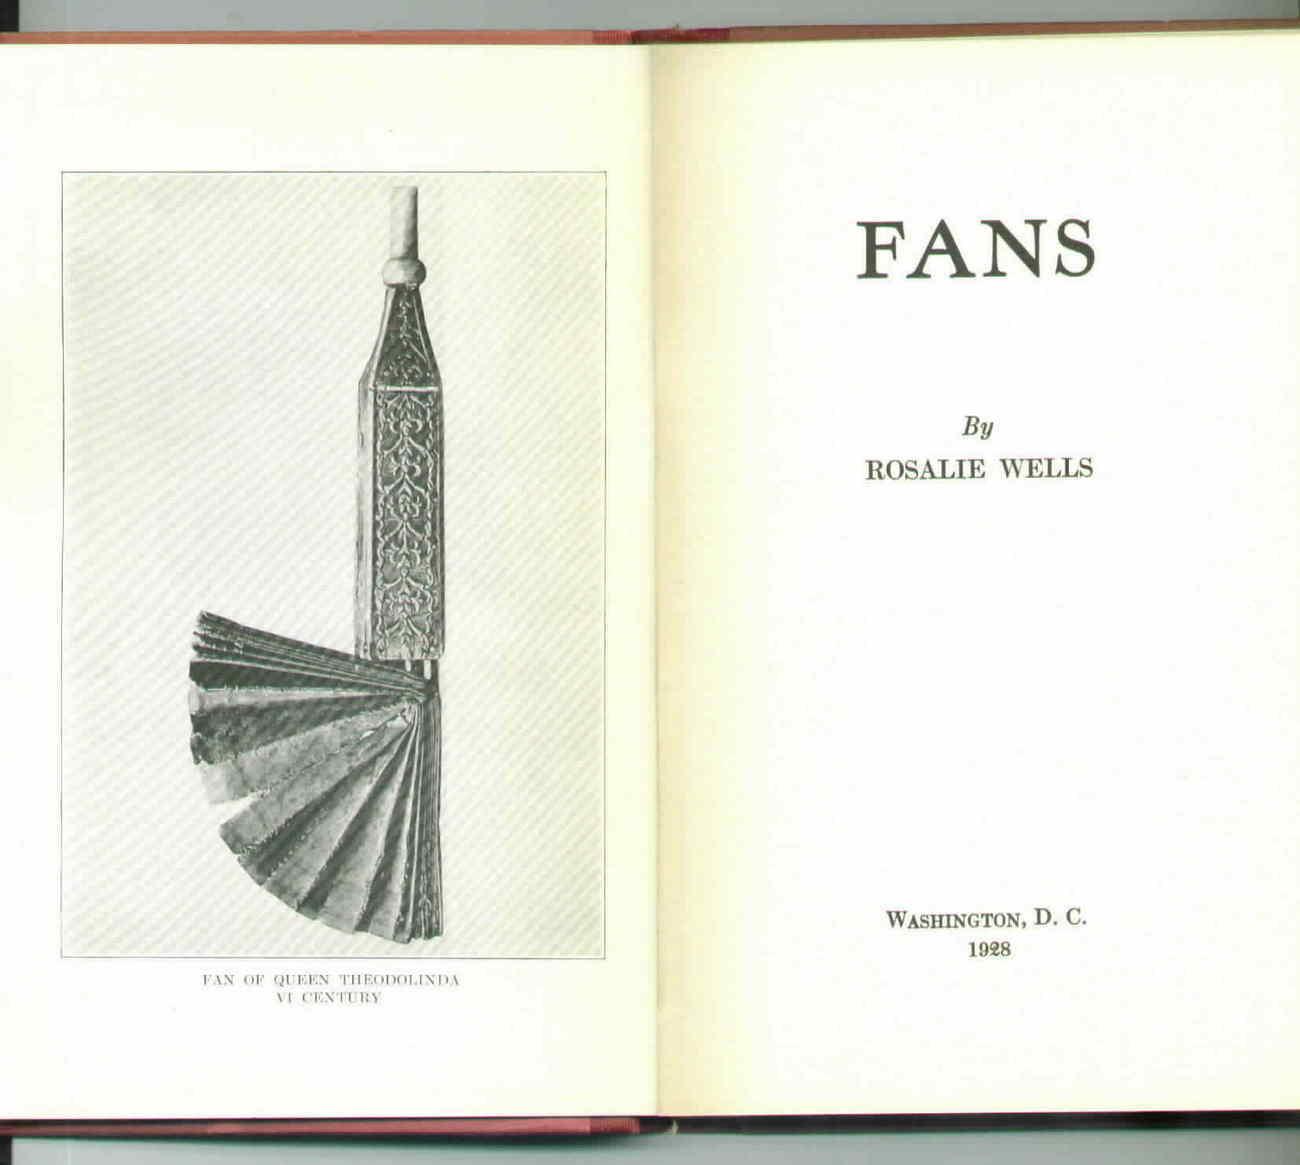 Fans - Decorative Fans - Collectible Antiquarian